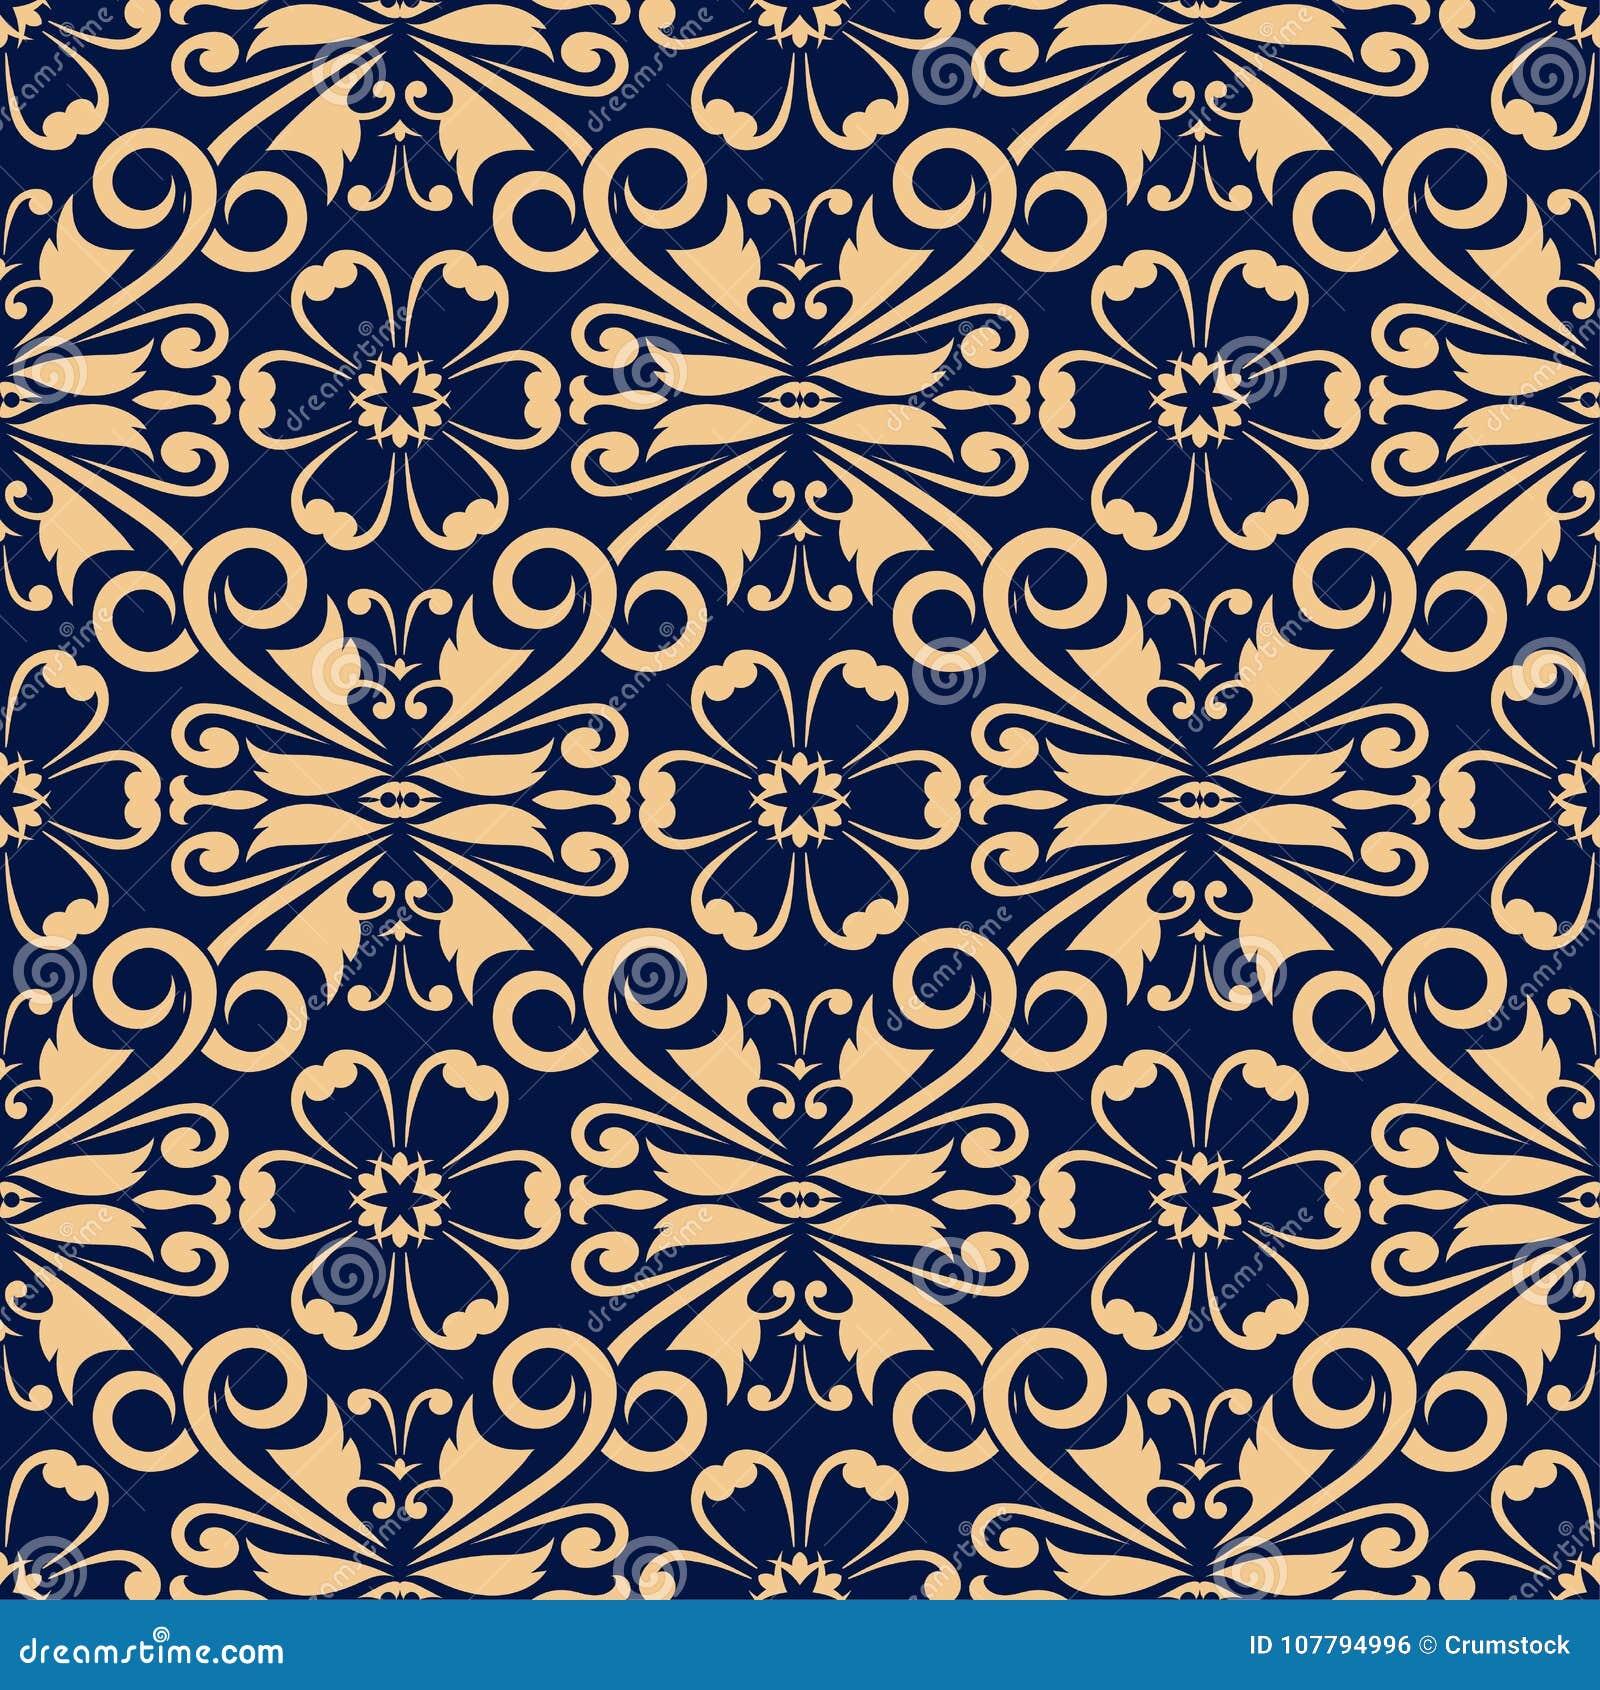 Golden floral element on dark blue background. Seamless pattern